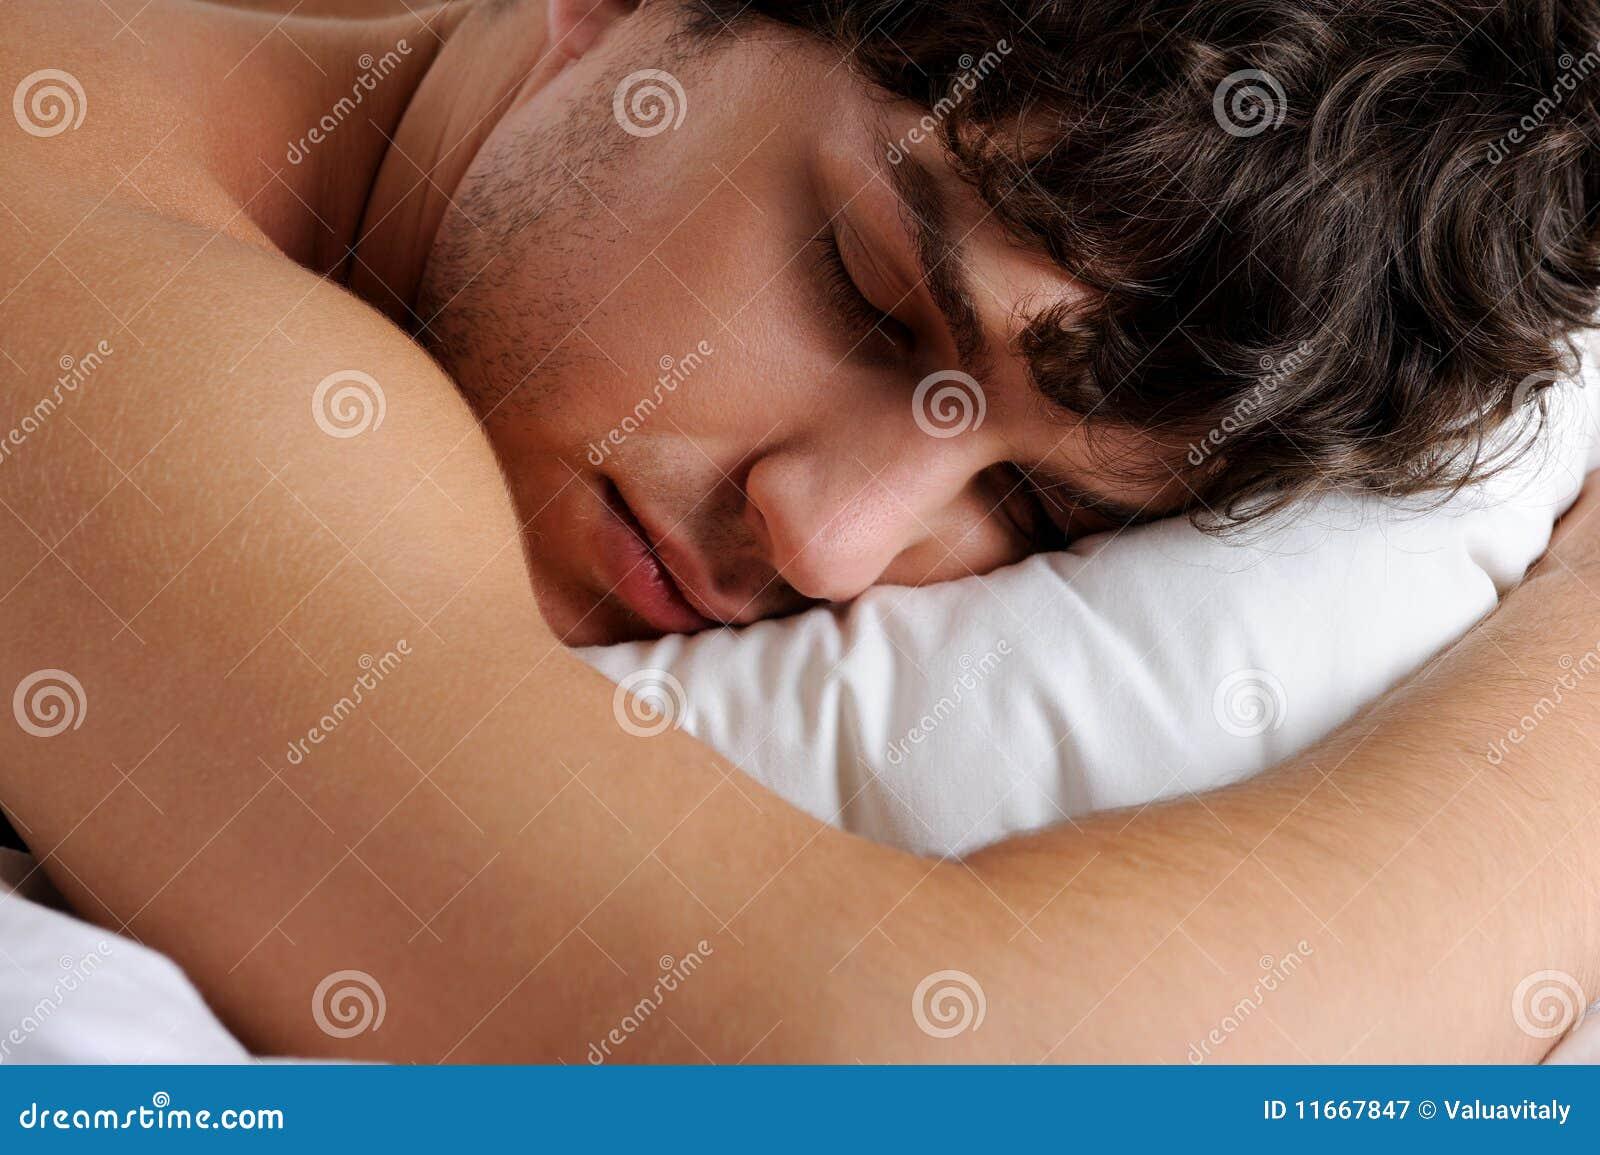 Free making sleeping guy cum gay porn but 7